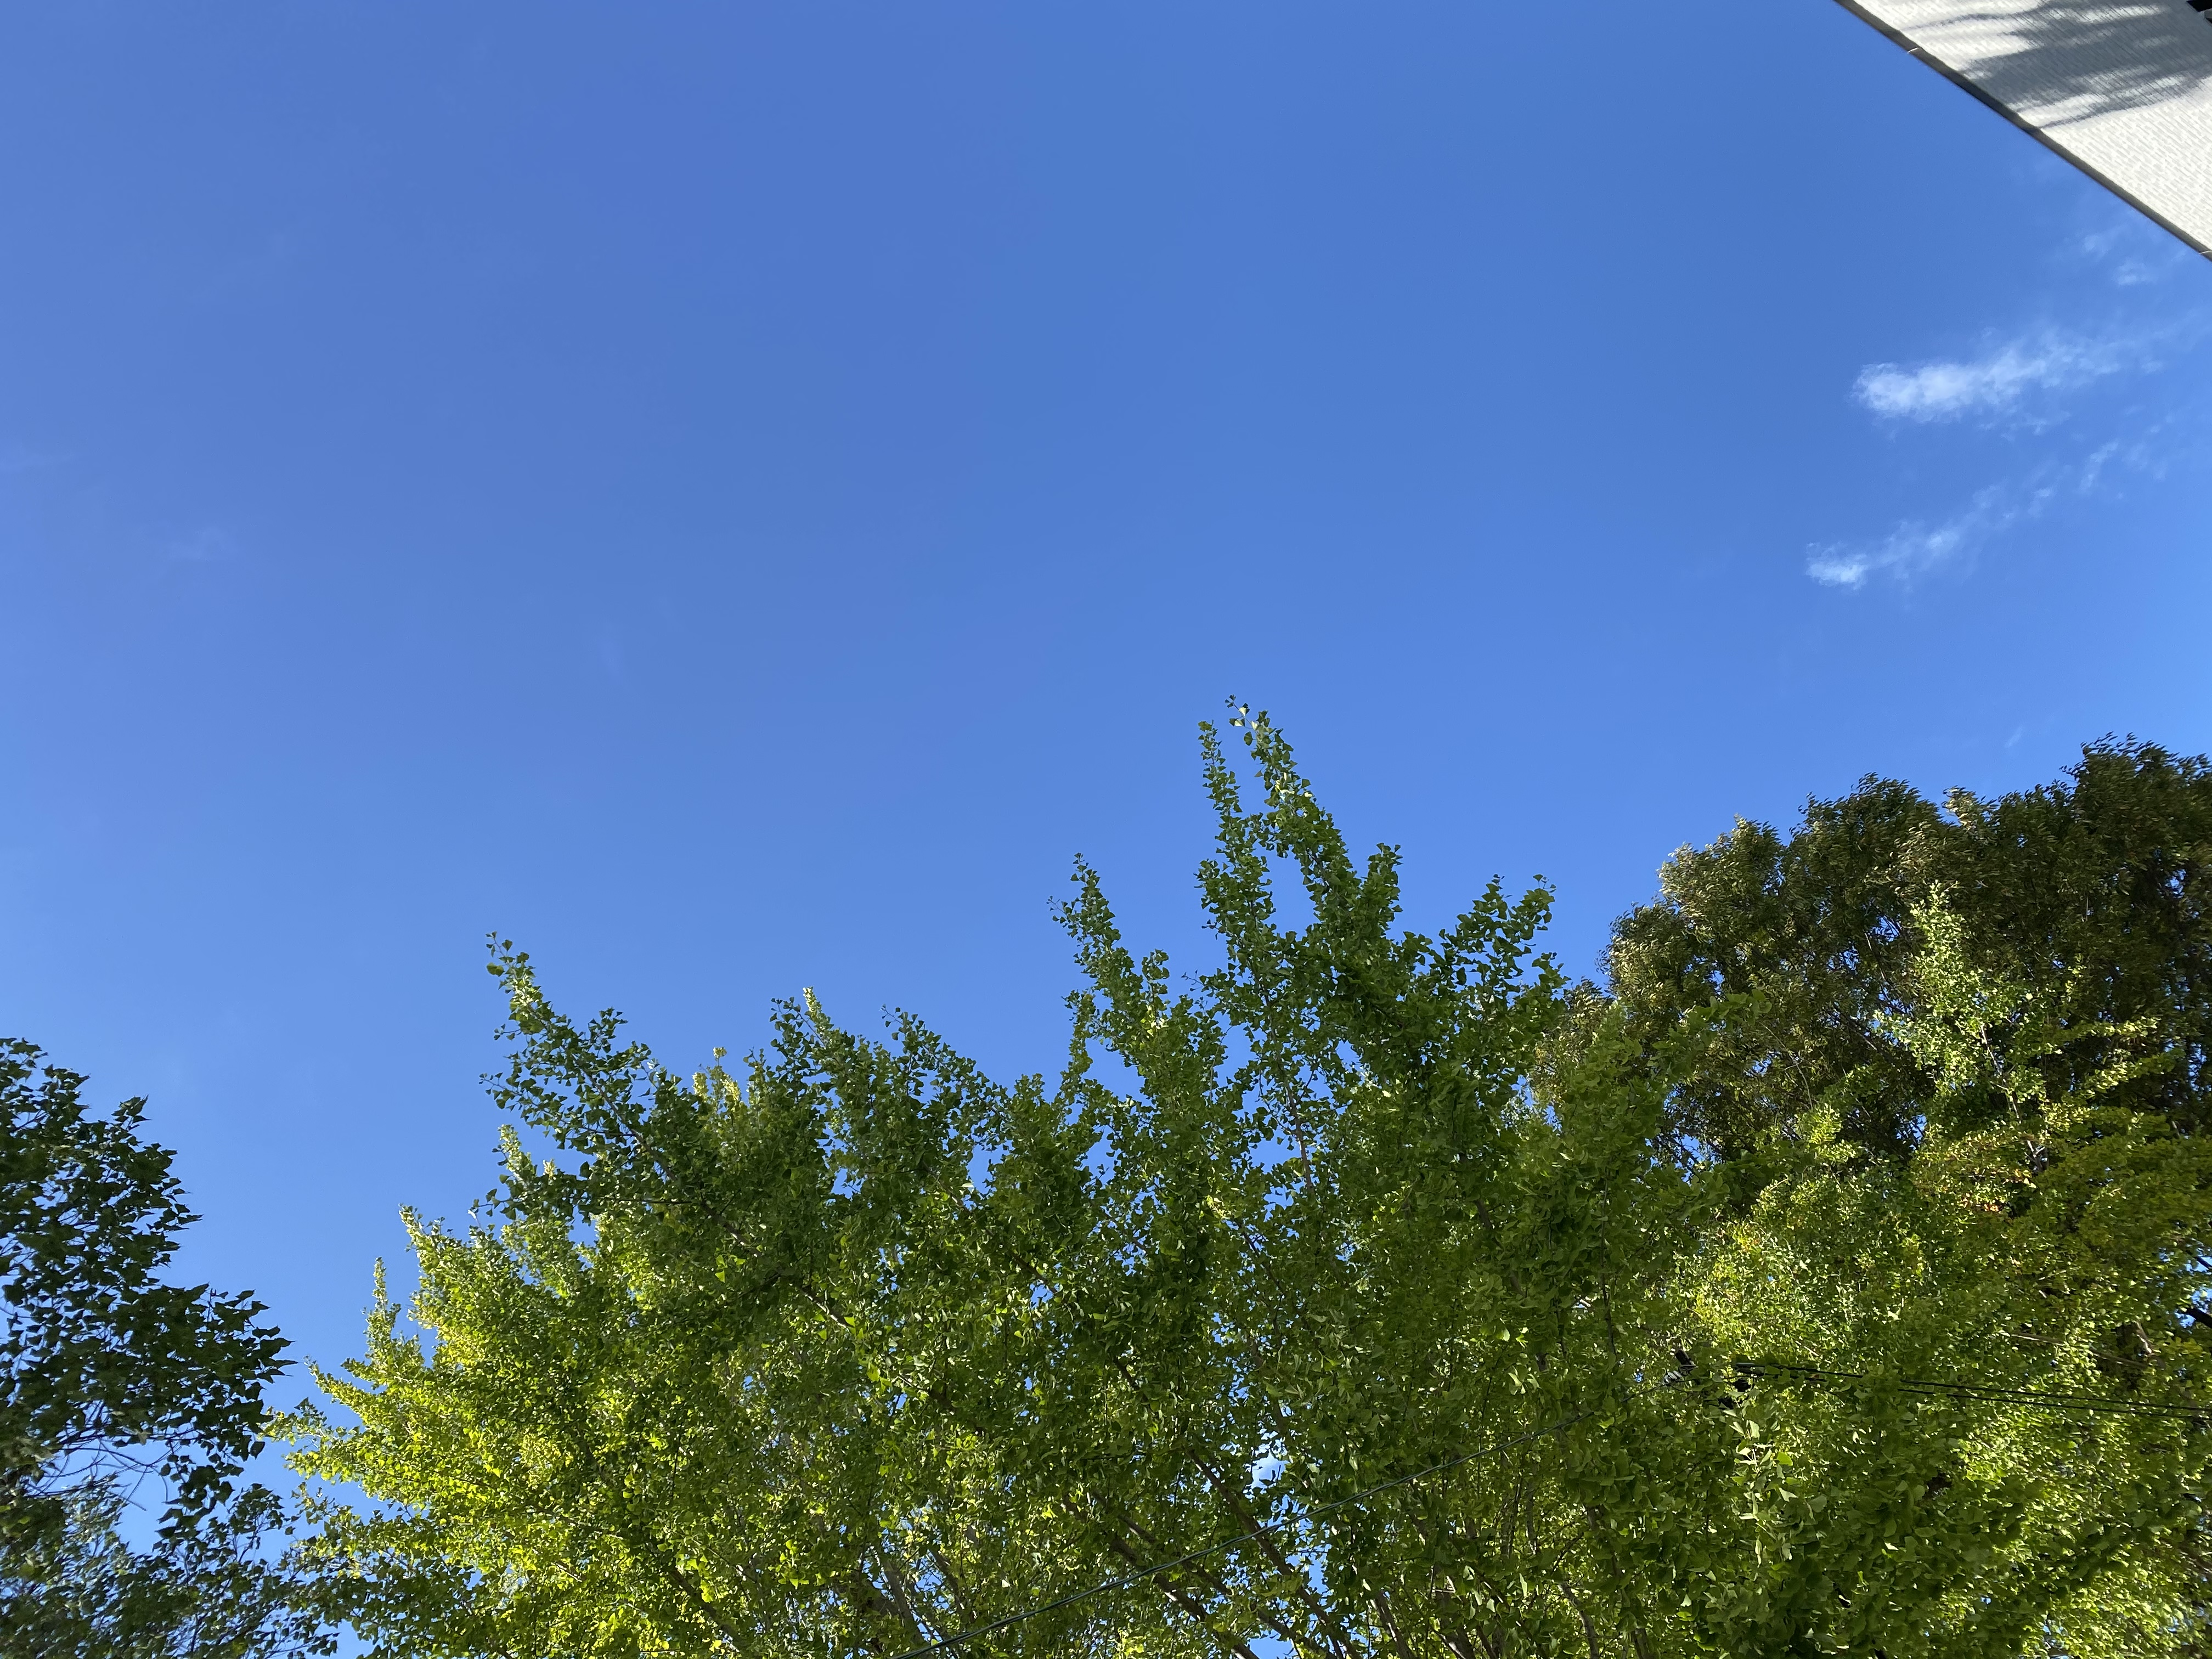 ミニ英会話: 秋だねー!(とても気持ちのいい日だね、という気持ちを表す)